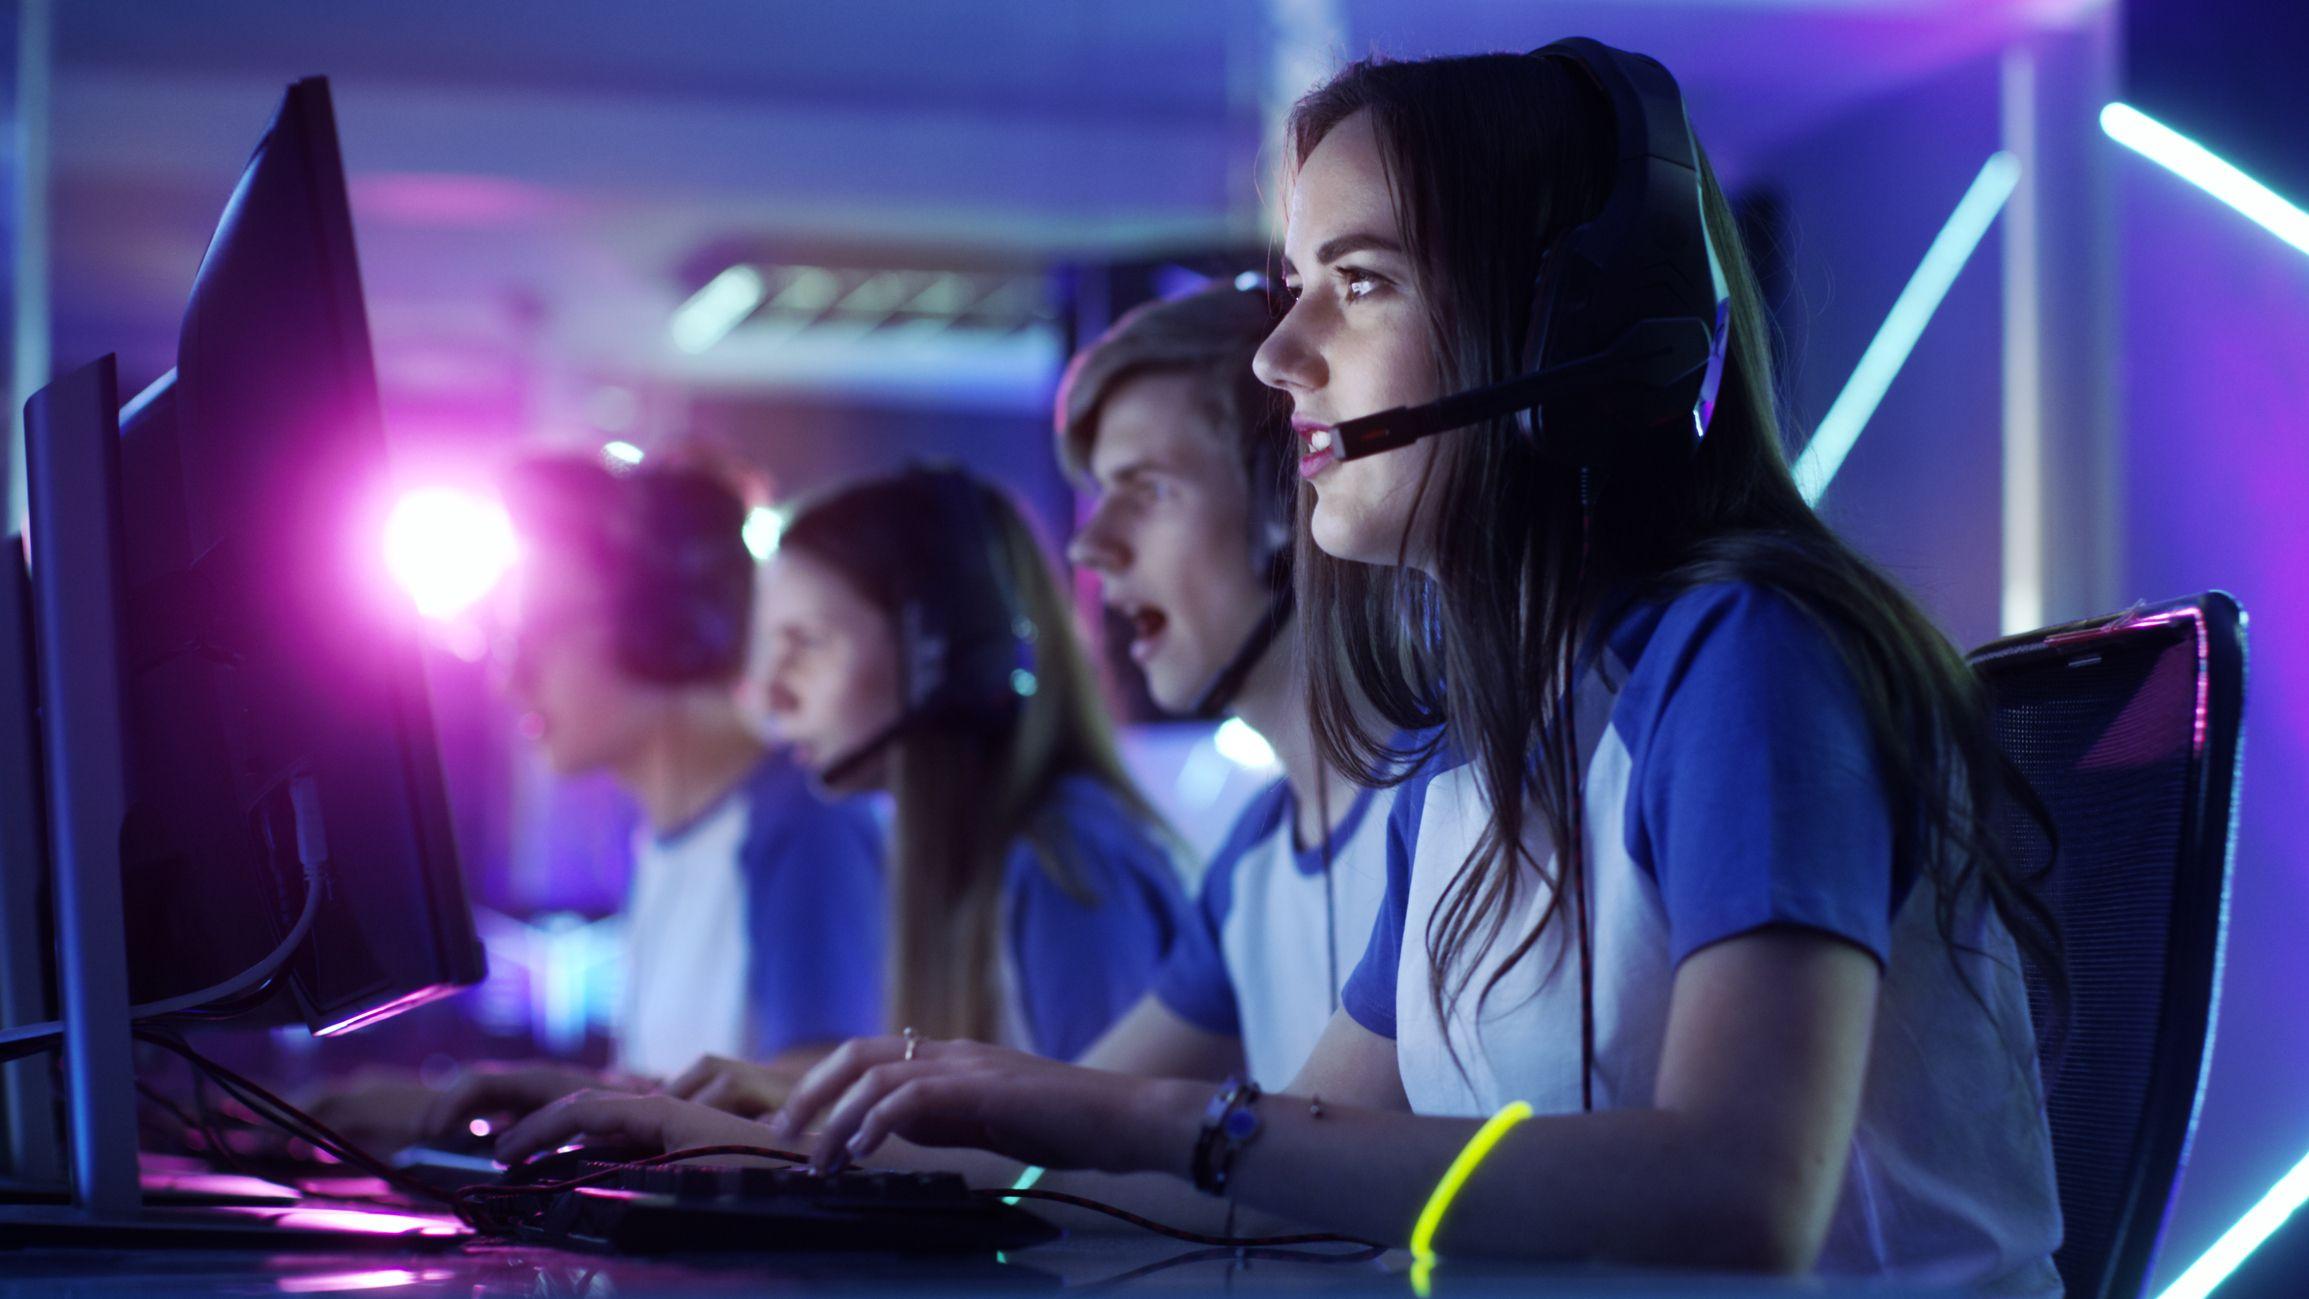 بازیهای ویدیویی - بازی - اعتیاد